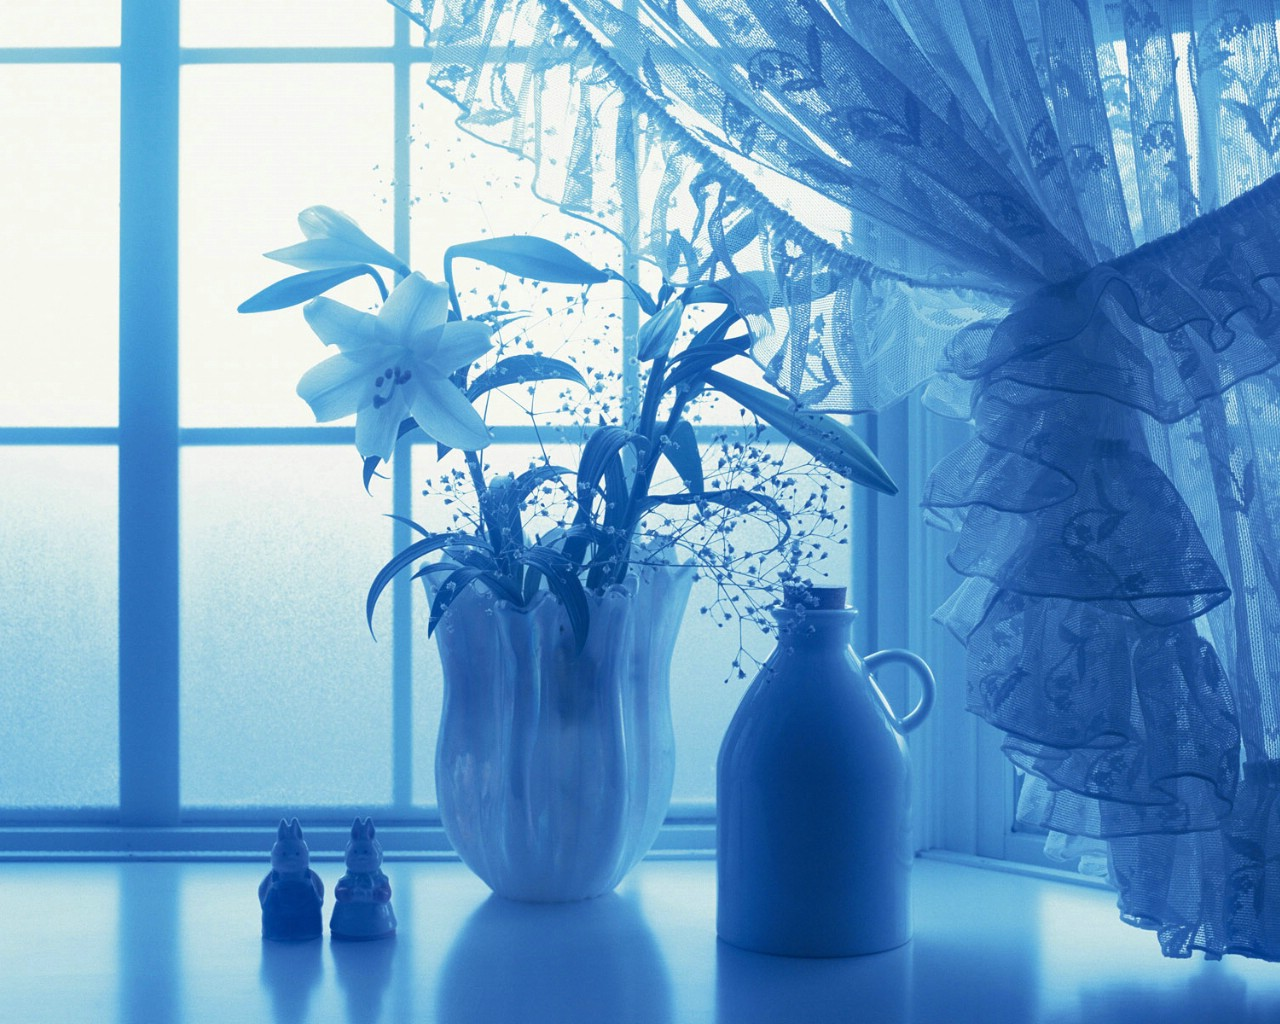 与生活情调 二 壁纸图片 摄影壁纸 摄影图片素材 桌面壁纸 高清图片